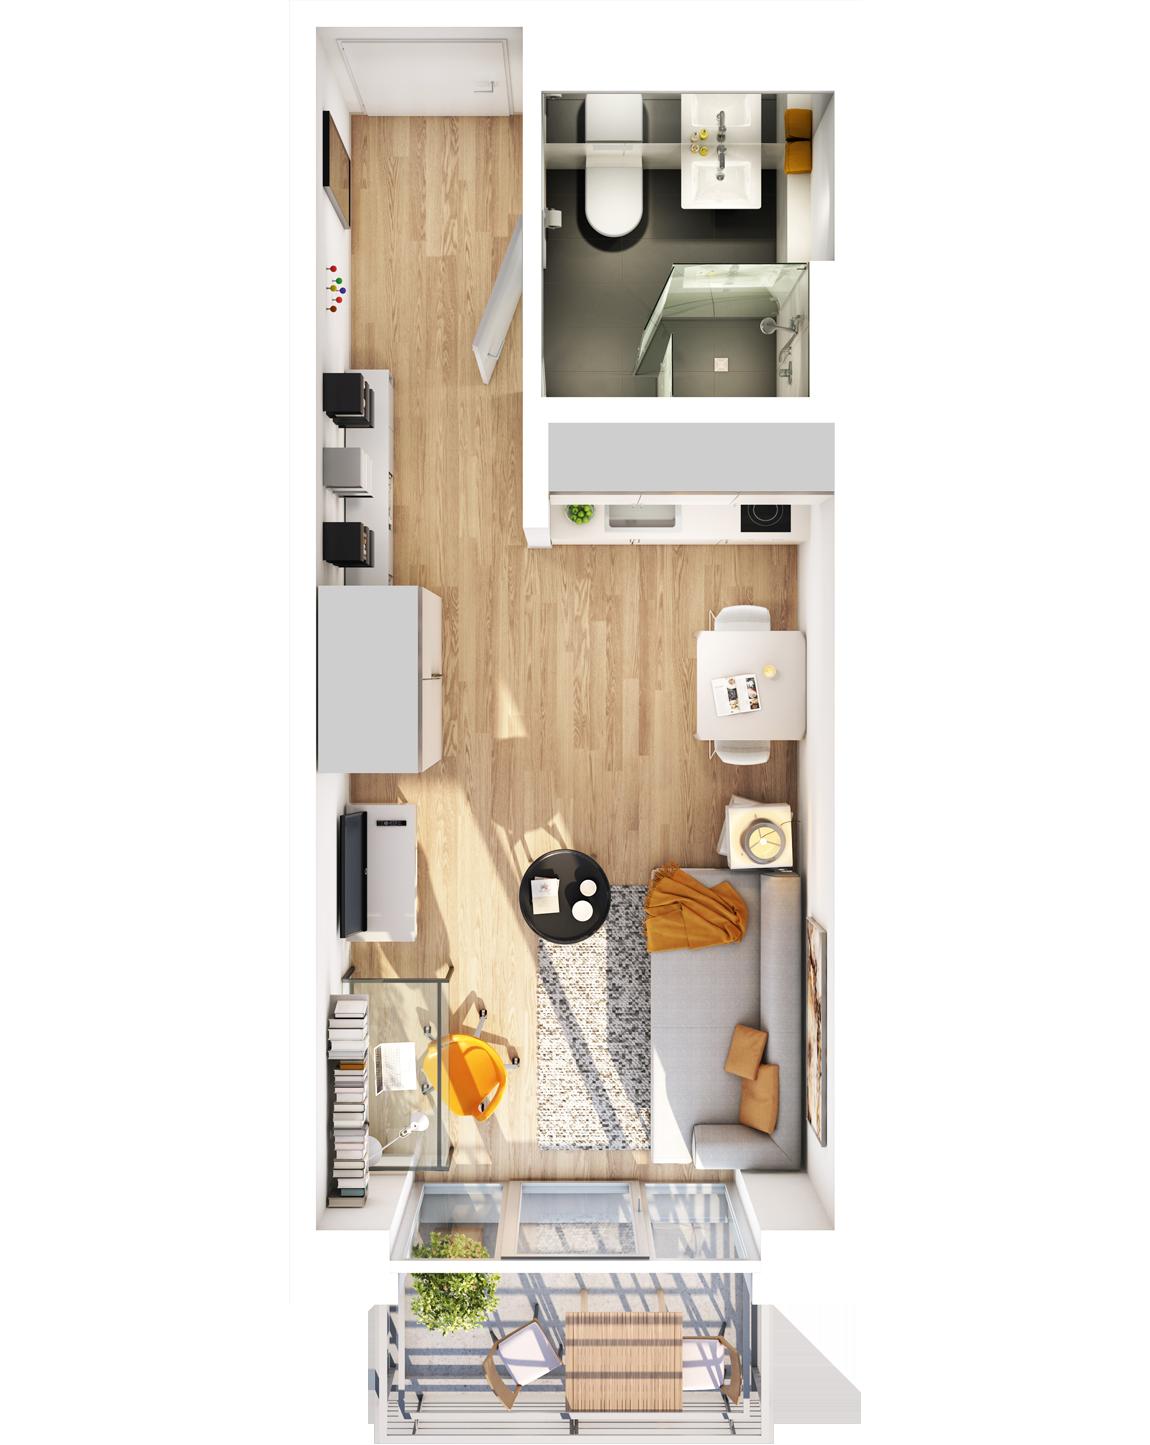 Visualisierung Beispiel 1-Zimmer-Wohnung Typ B mit Badvariante, Küchenzeile, Wohnbereich und Balkon im studiosus 5 Apartmenthaus in Augsburg